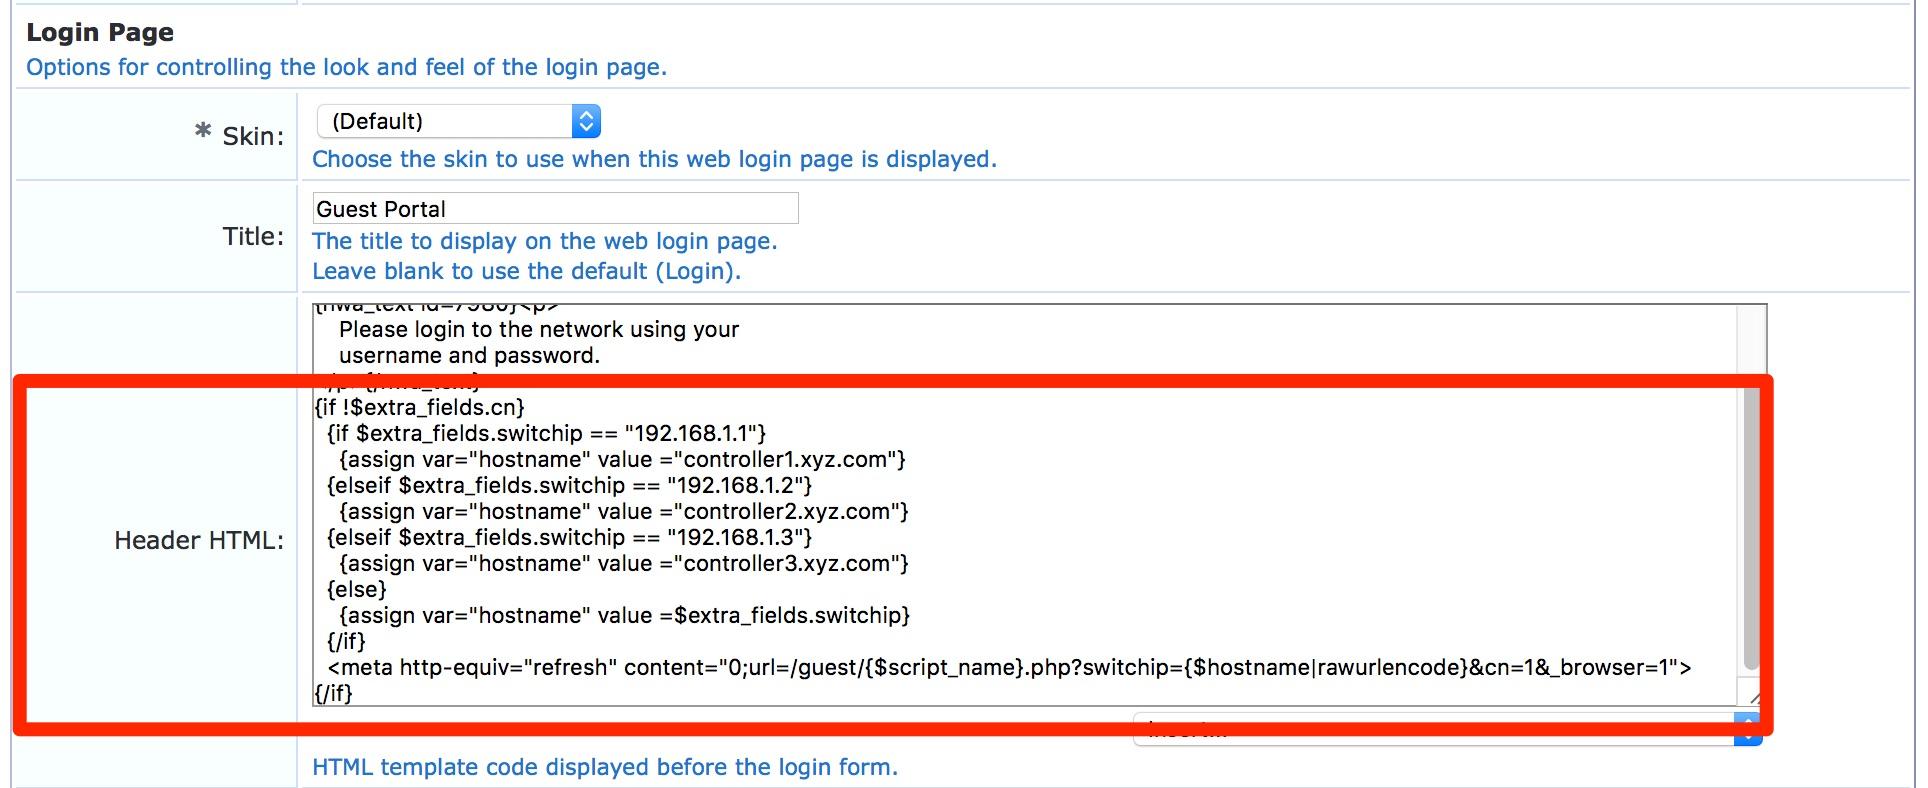 web_login__guest_portal_script_lOUwUre.jpg